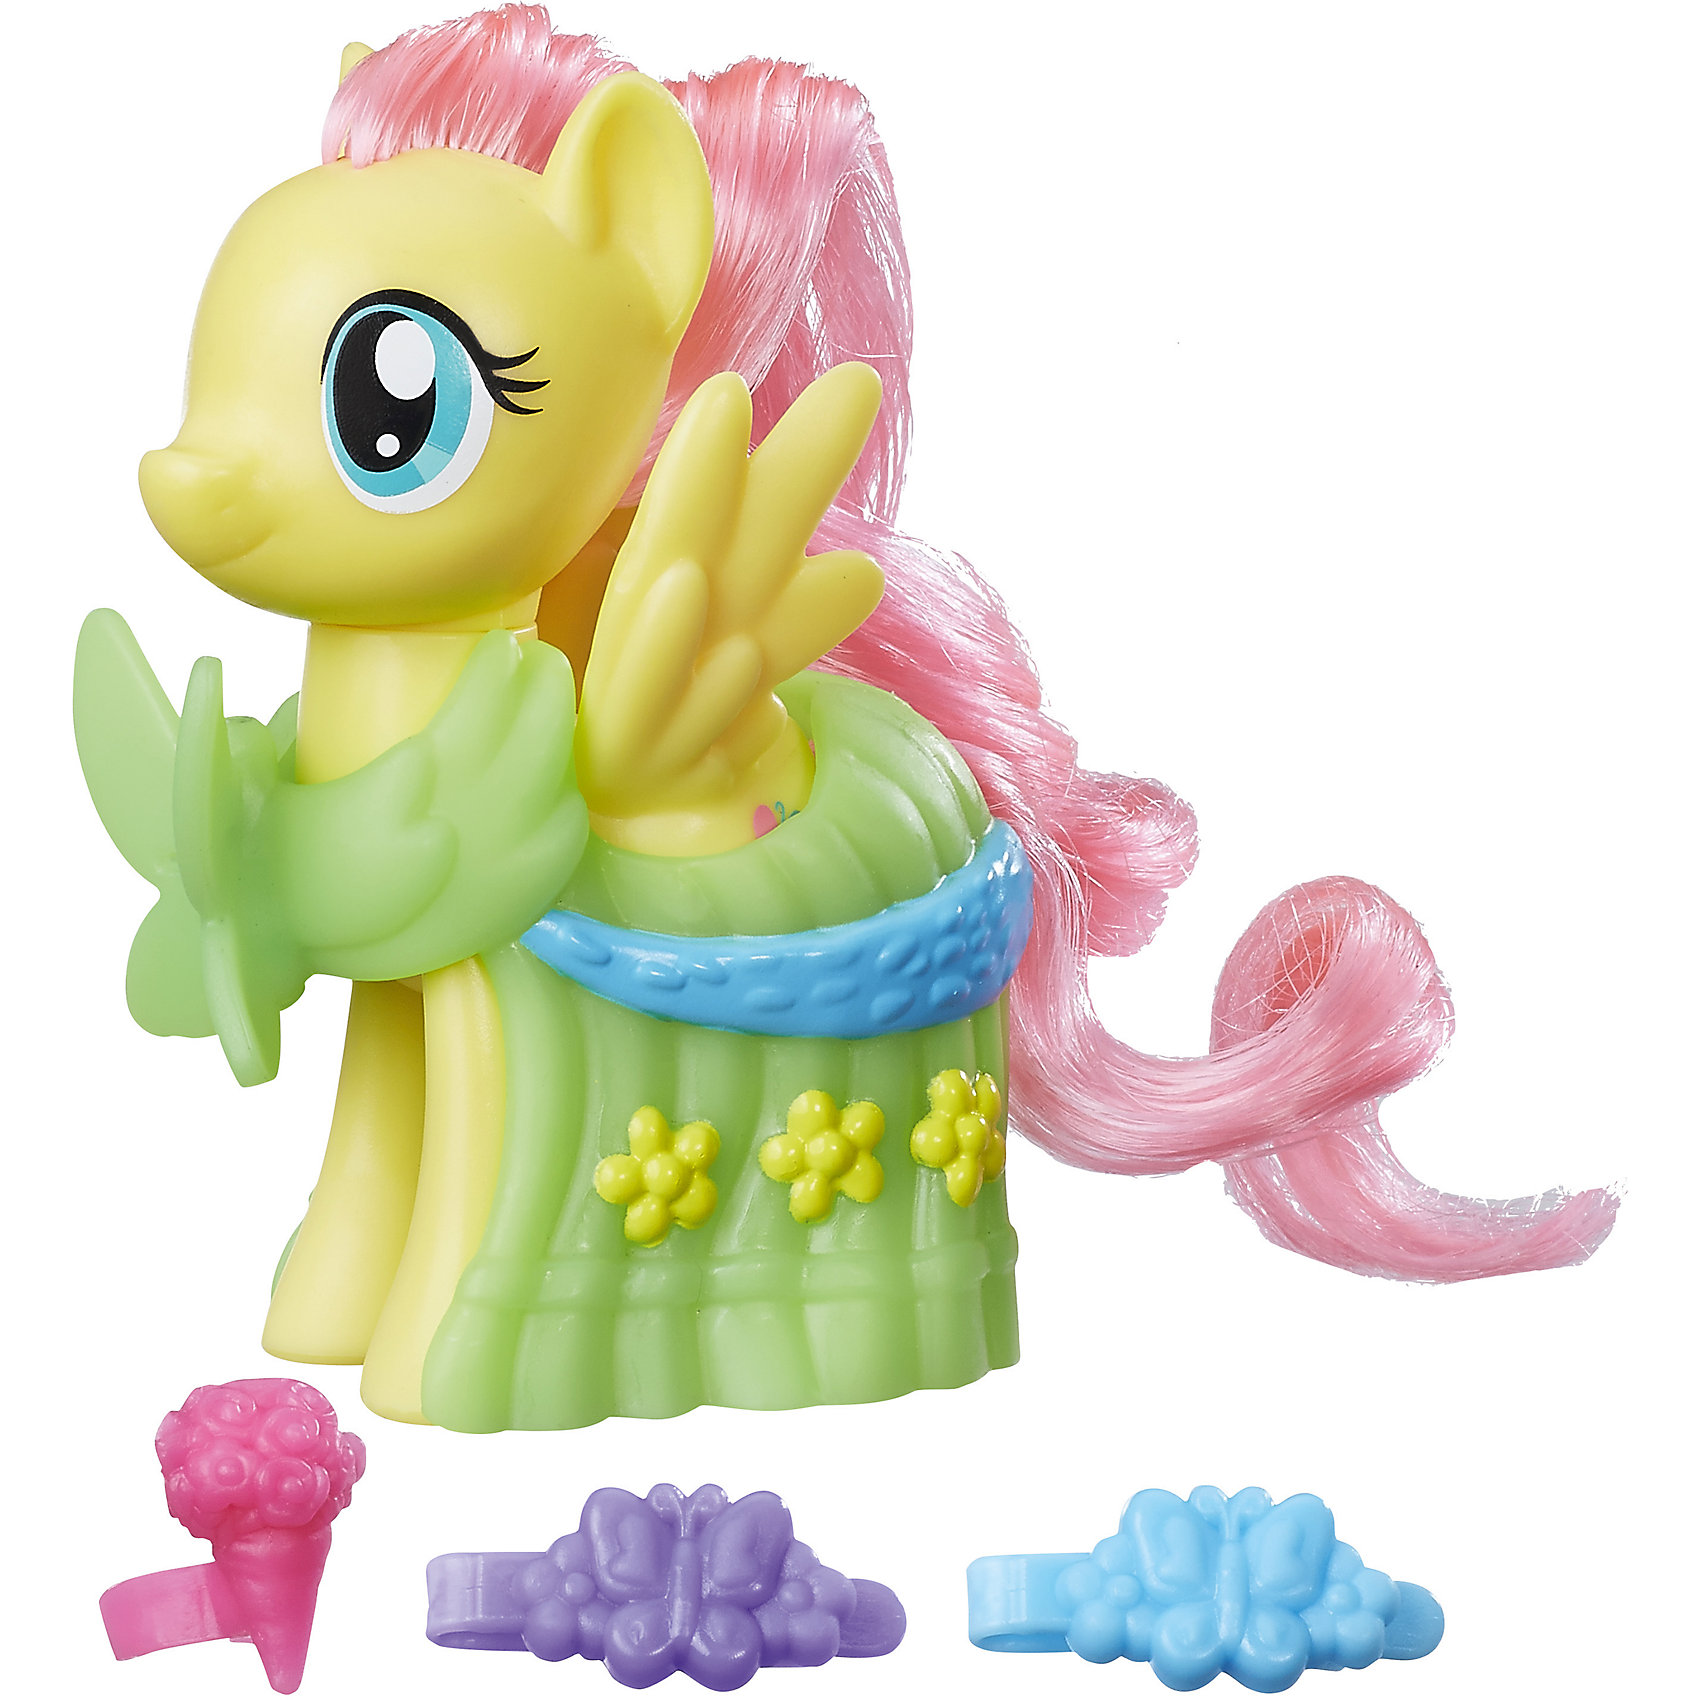 Игровой набор Hasbro My little Pony Пони-модницы, ФлаттершайЛюбимые герои<br>Характеристики товара:<br><br>• возраст: от 3 лет;<br>• материал: пластик;<br>• в комплекте: фигурка пони, аксессуары;<br>• размер фигурки: 8 см;<br>• размер упаковки: 18,4х17,8х4,8 см;<br>• вес упаковки: 145 гр.;<br>• страна производитель: Китай.<br><br>Игровой набор «Пони-модницы» My Little Pony Hasbro создан по мотивам известного мультсериала. В наборе фигурка пони Флаттершай с розовой гривой и зеленым костюмчиком, украшенным цветами. Стильные аксессуары дополнят образ маленькой пони. Мягкий хвостик и гриву можно расчесывать, заплетать, украшать, придумывая каждый раз новый оригинальный образ. <br><br>Игровой набор «Пони-модницы» My Little Pony Hasbro B8810/B9621 можно приобрести в нашем интернет-магазине.<br><br>Ширина мм: 48<br>Глубина мм: 178<br>Высота мм: 184<br>Вес г: 145<br>Возраст от месяцев: 36<br>Возраст до месяцев: 2147483647<br>Пол: Женский<br>Возраст: Детский<br>SKU: 6674410